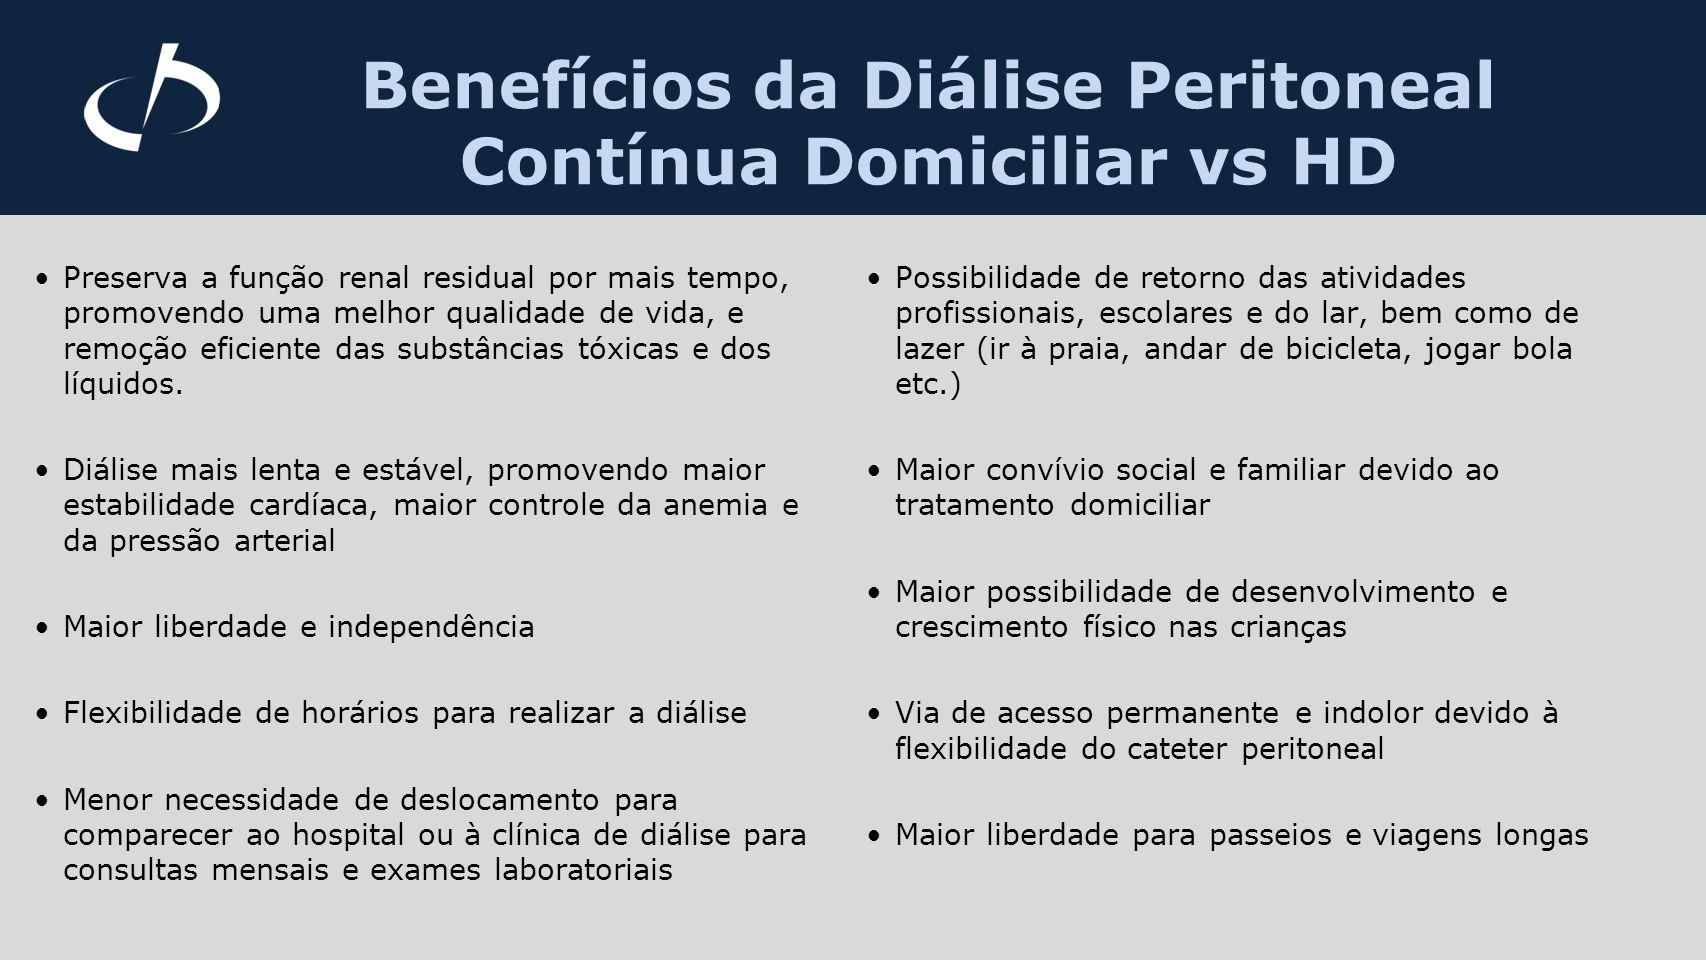 Benefícios da Diálise Peritoneal Contínua Domiciliar vs HD